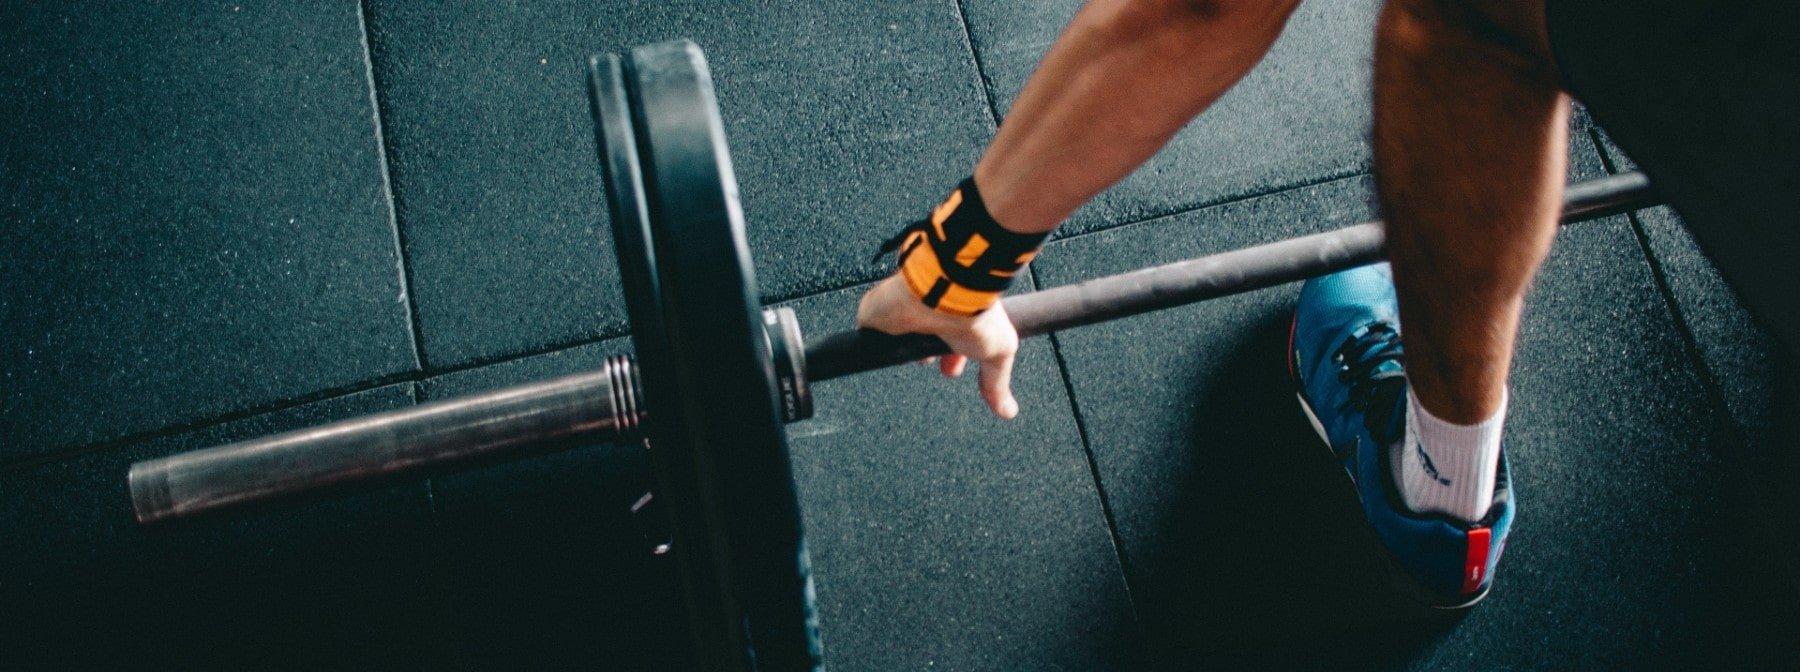 Muskelaufbau Ernährung: Eine Einführung in die Hardgainer Ernährung